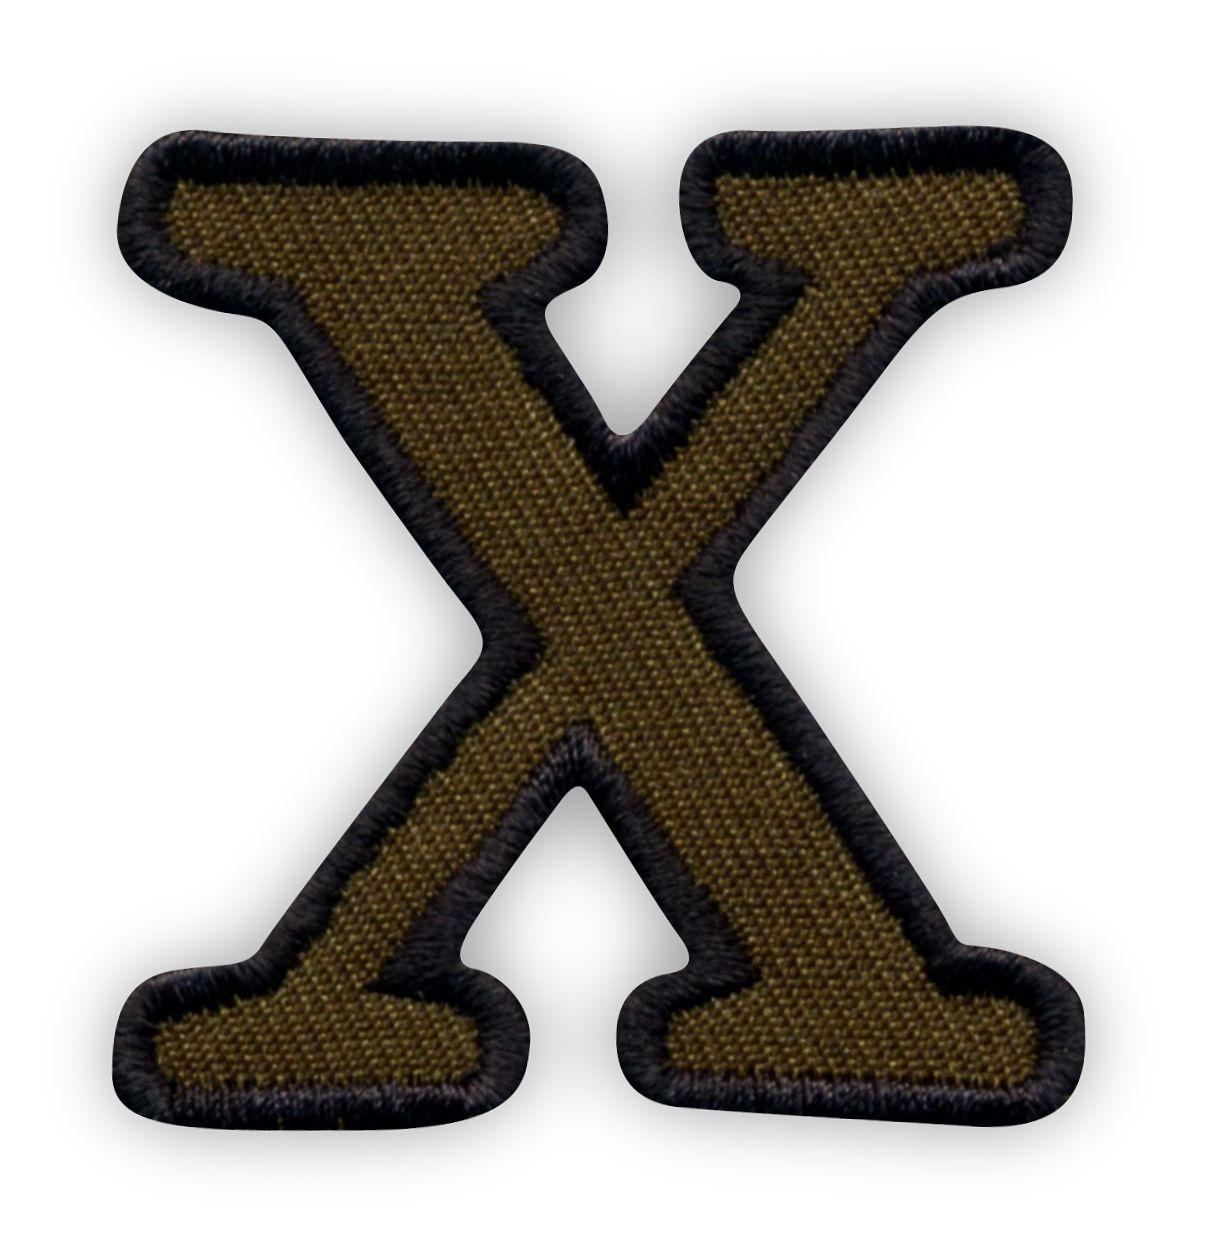 Litera X Oliwkowe Tło Czarne Obszycie Naszywki24pl Sklep